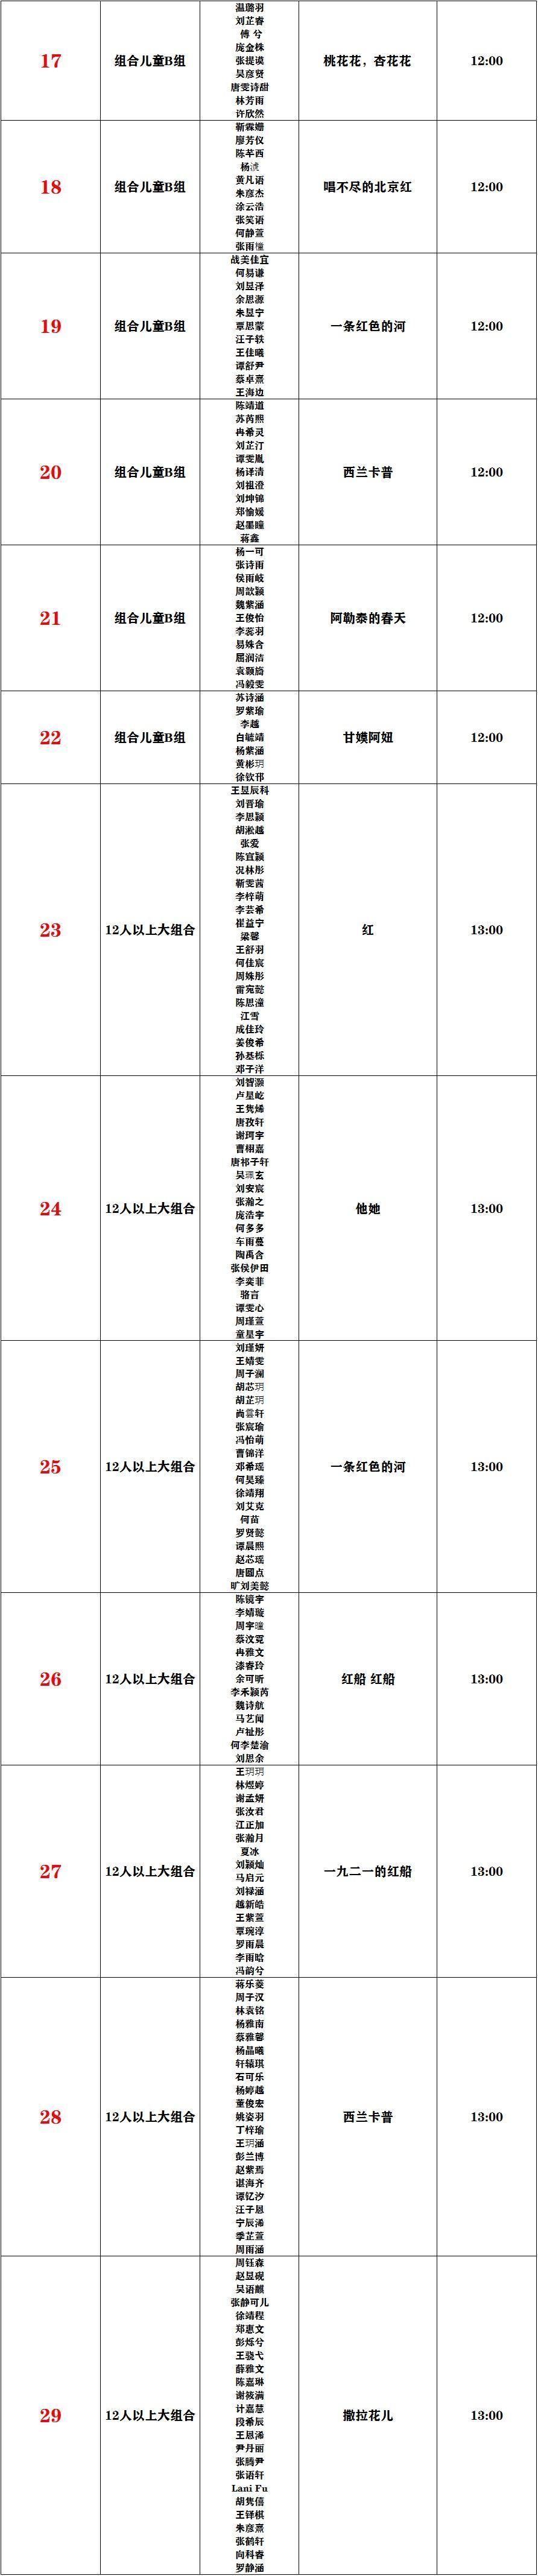 2021第17届快乐阳光全国少歌赛【重庆赛区】复赛比赛通知 第26张